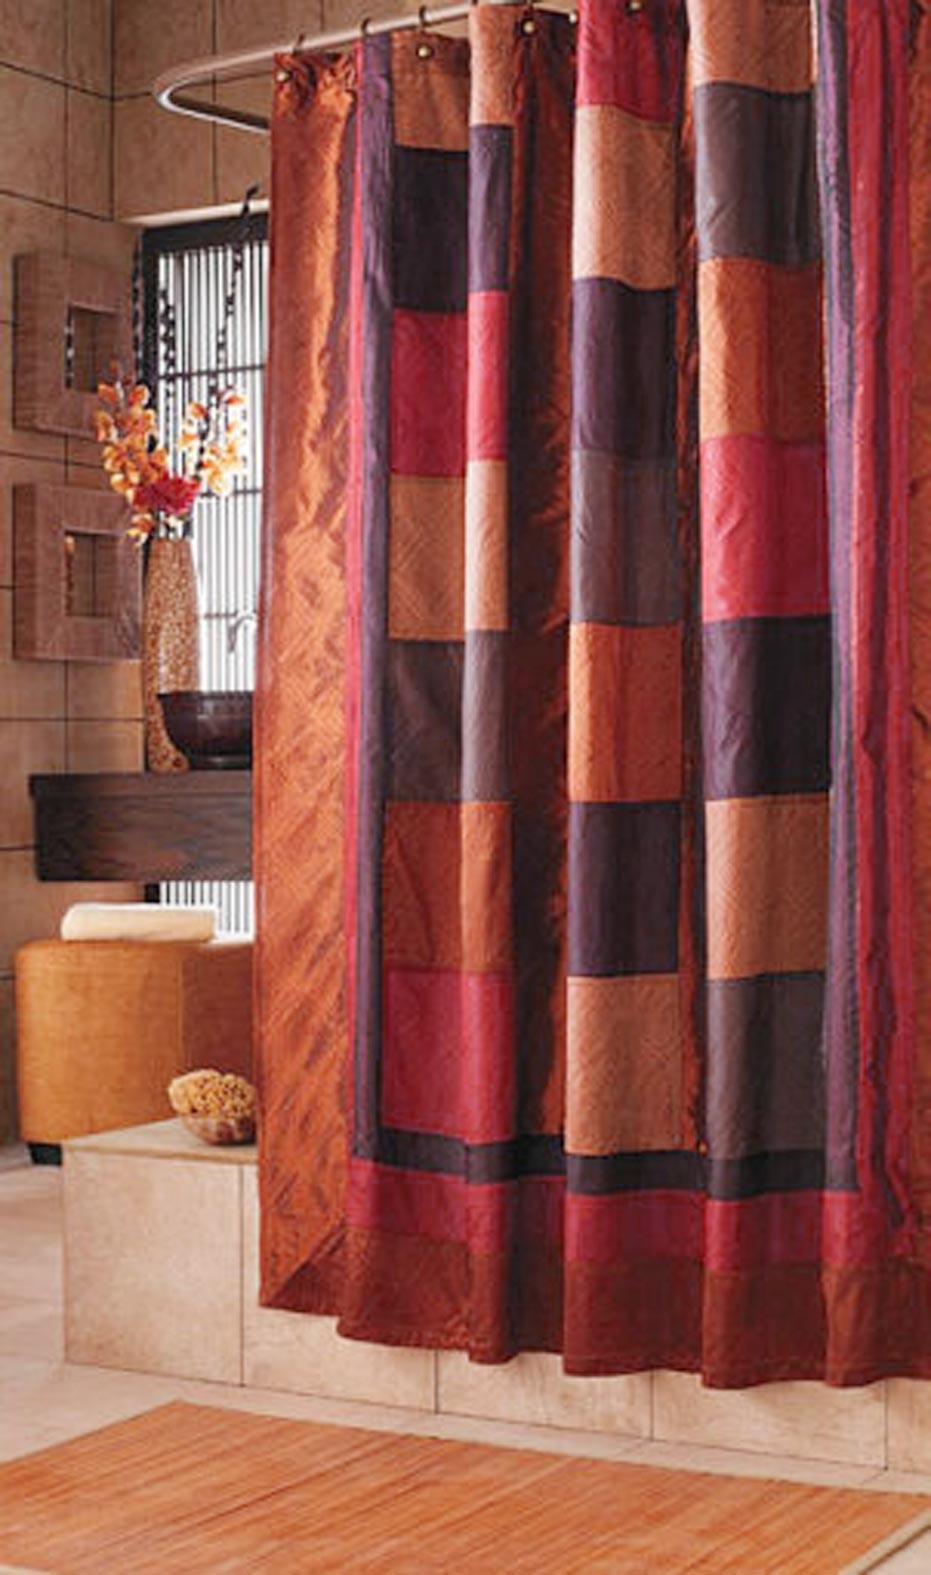 Bowed Clawfoot Tub Shower Curtain Rod 3